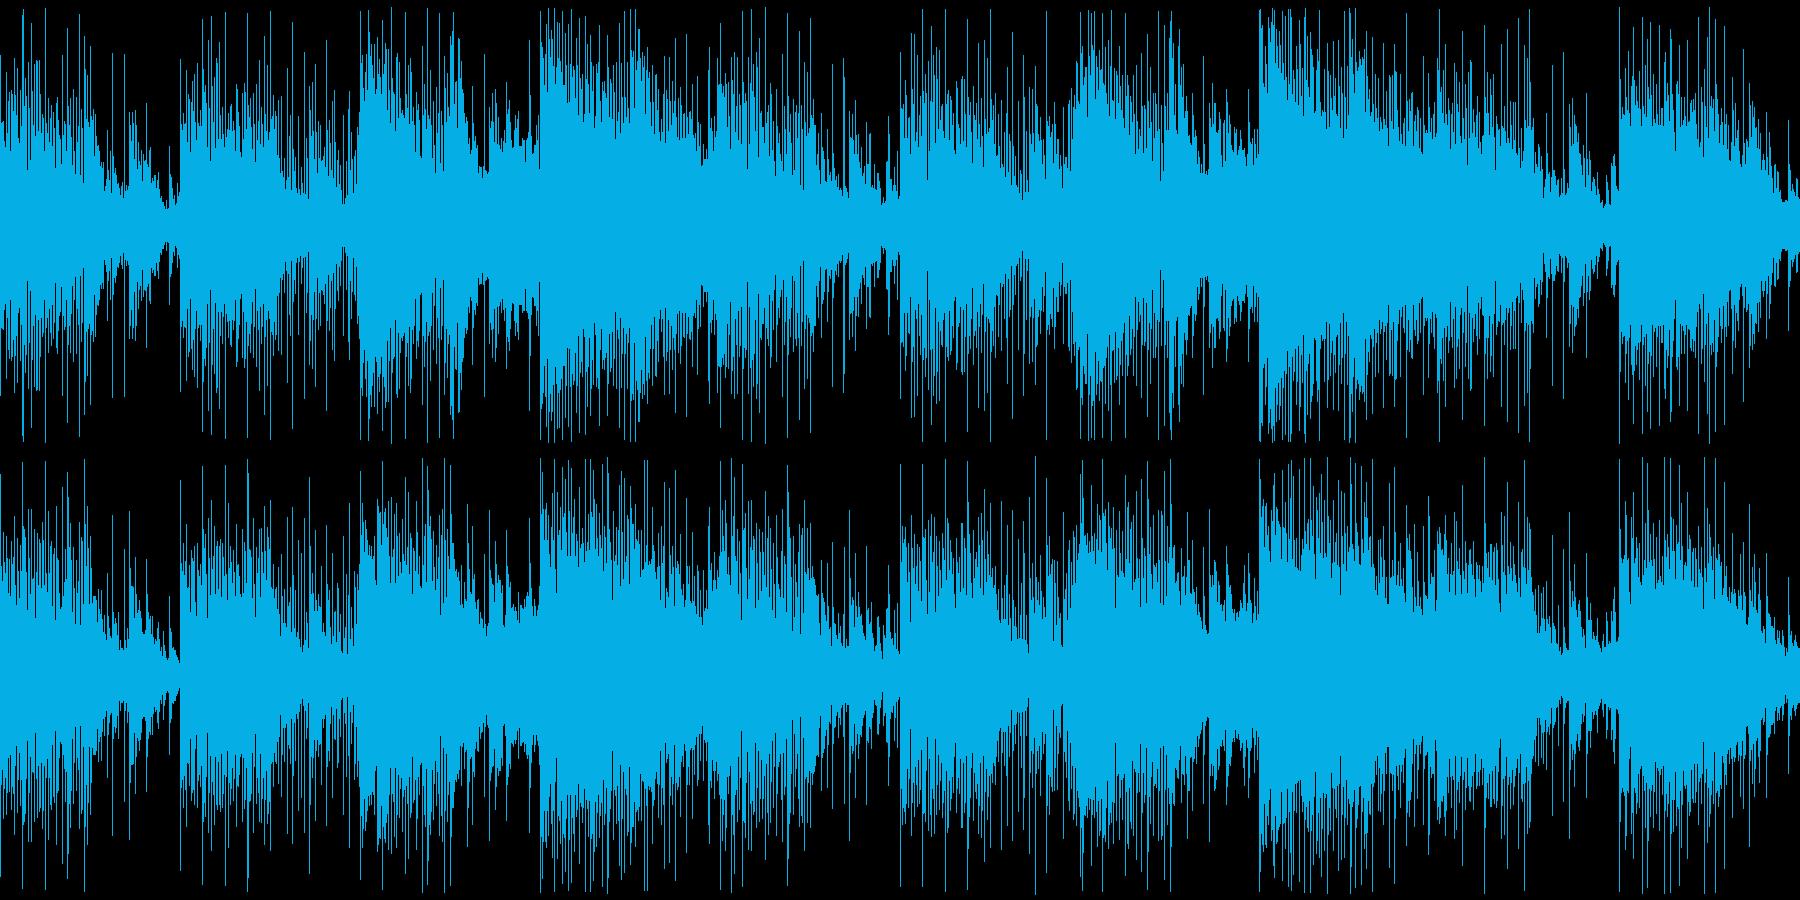 ホラー映画風曲の再生済みの波形